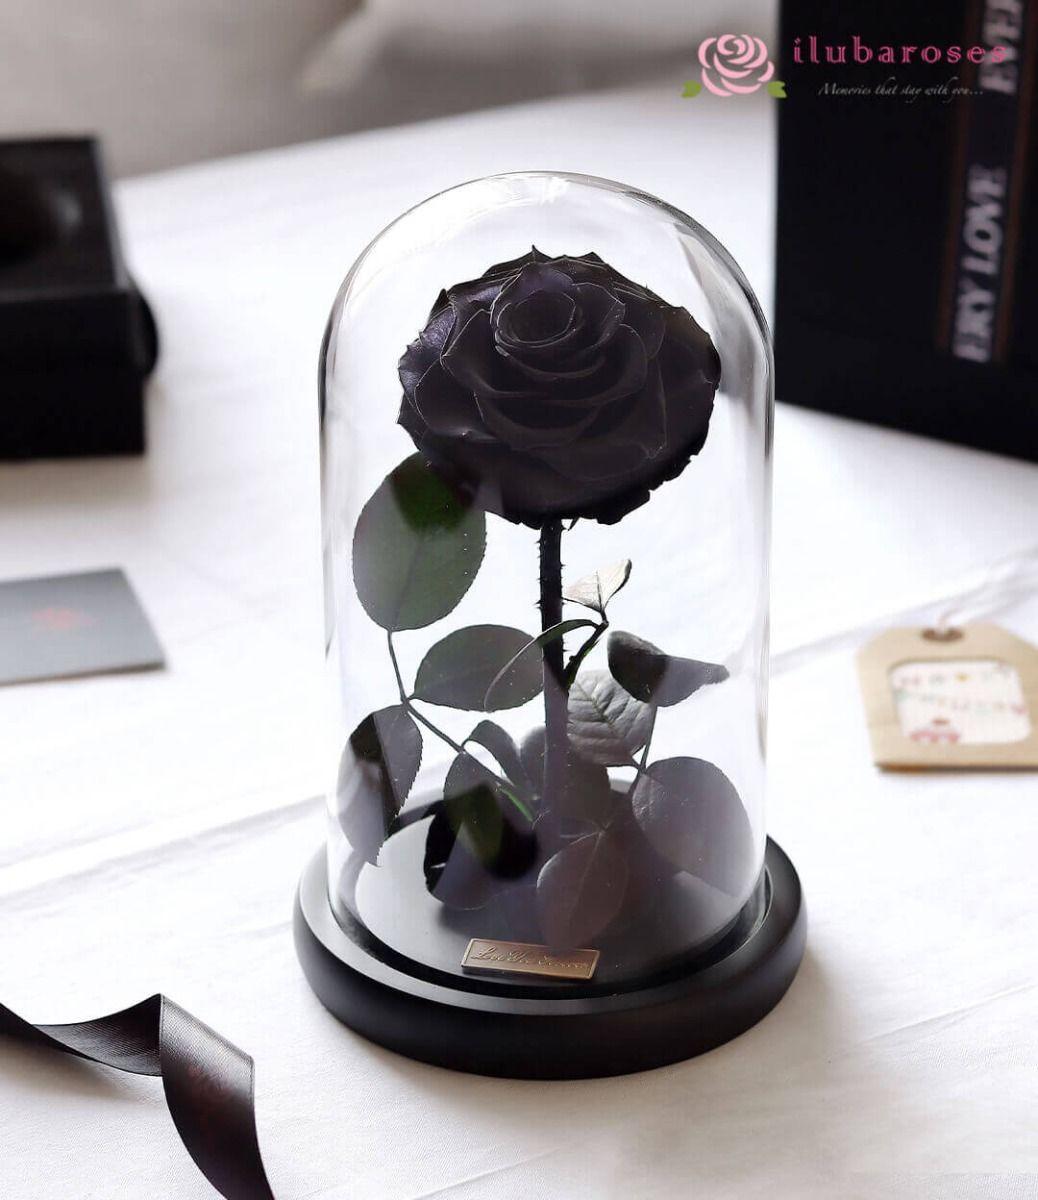 Cành hoa hồng đen trong lồng kính cực đẹp